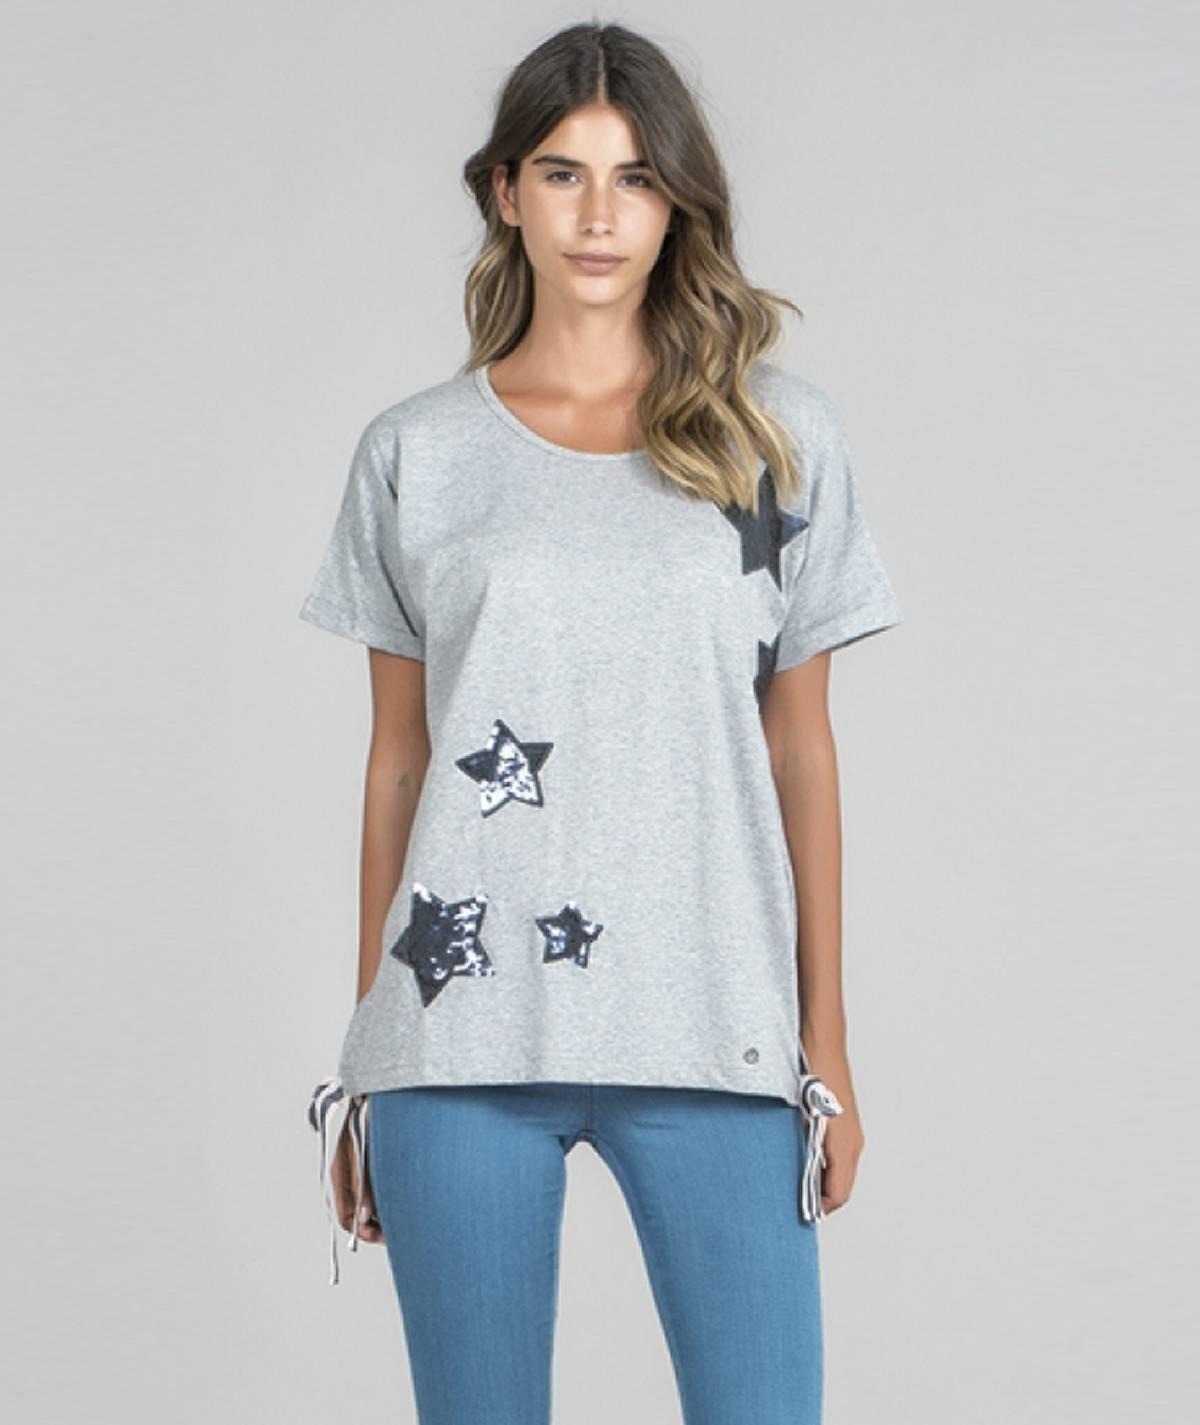 T-shirt com motivo estrelas